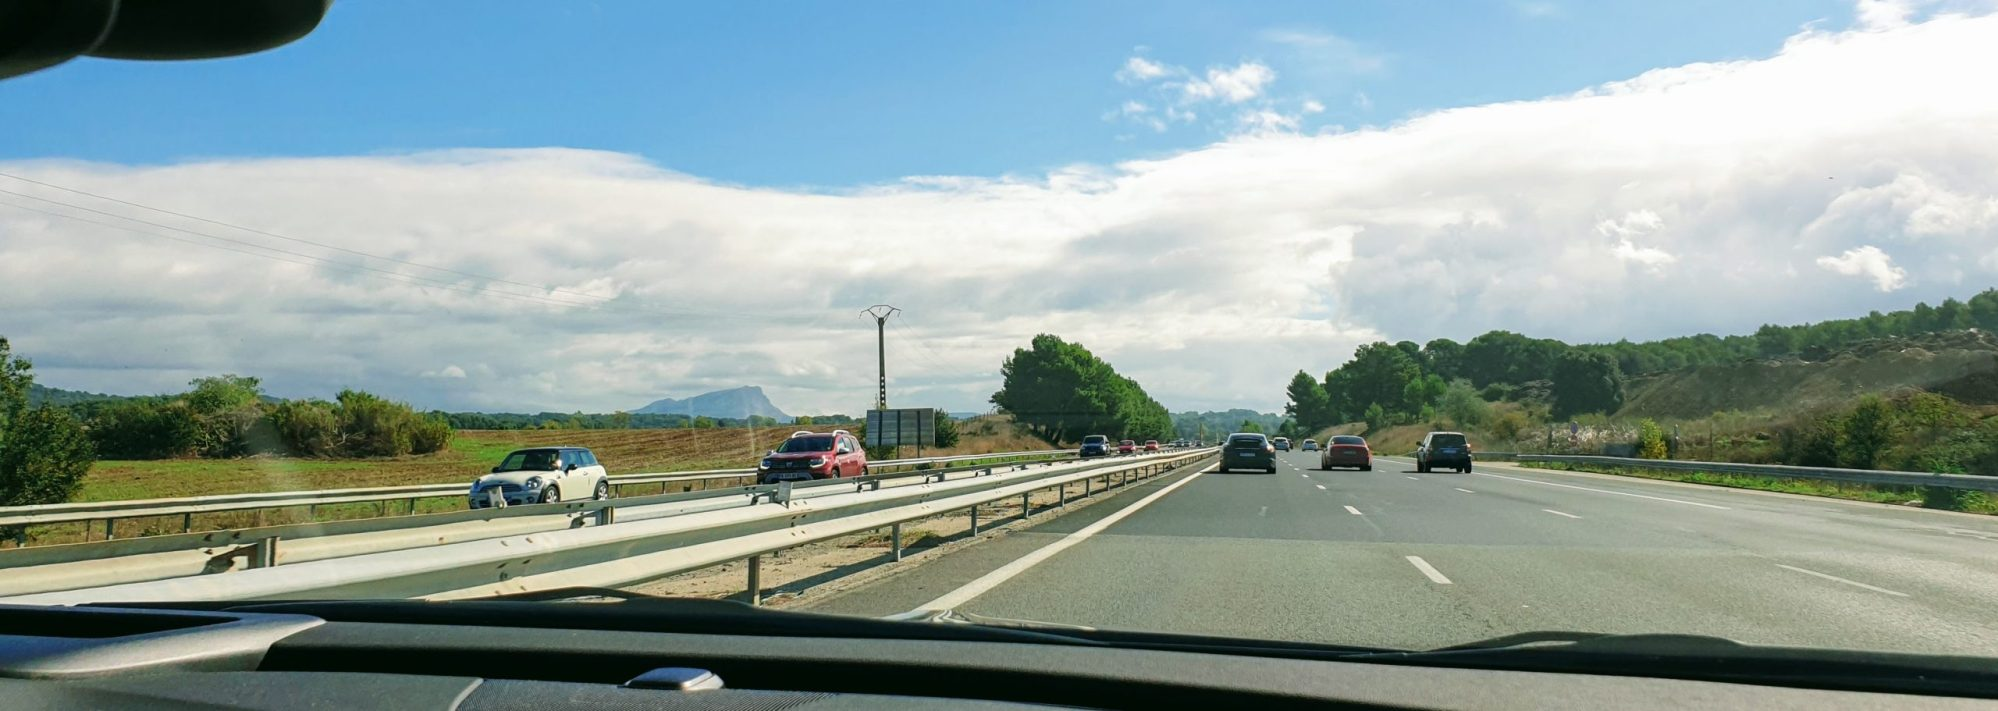 Nainen ja auto, Espanja, bannr